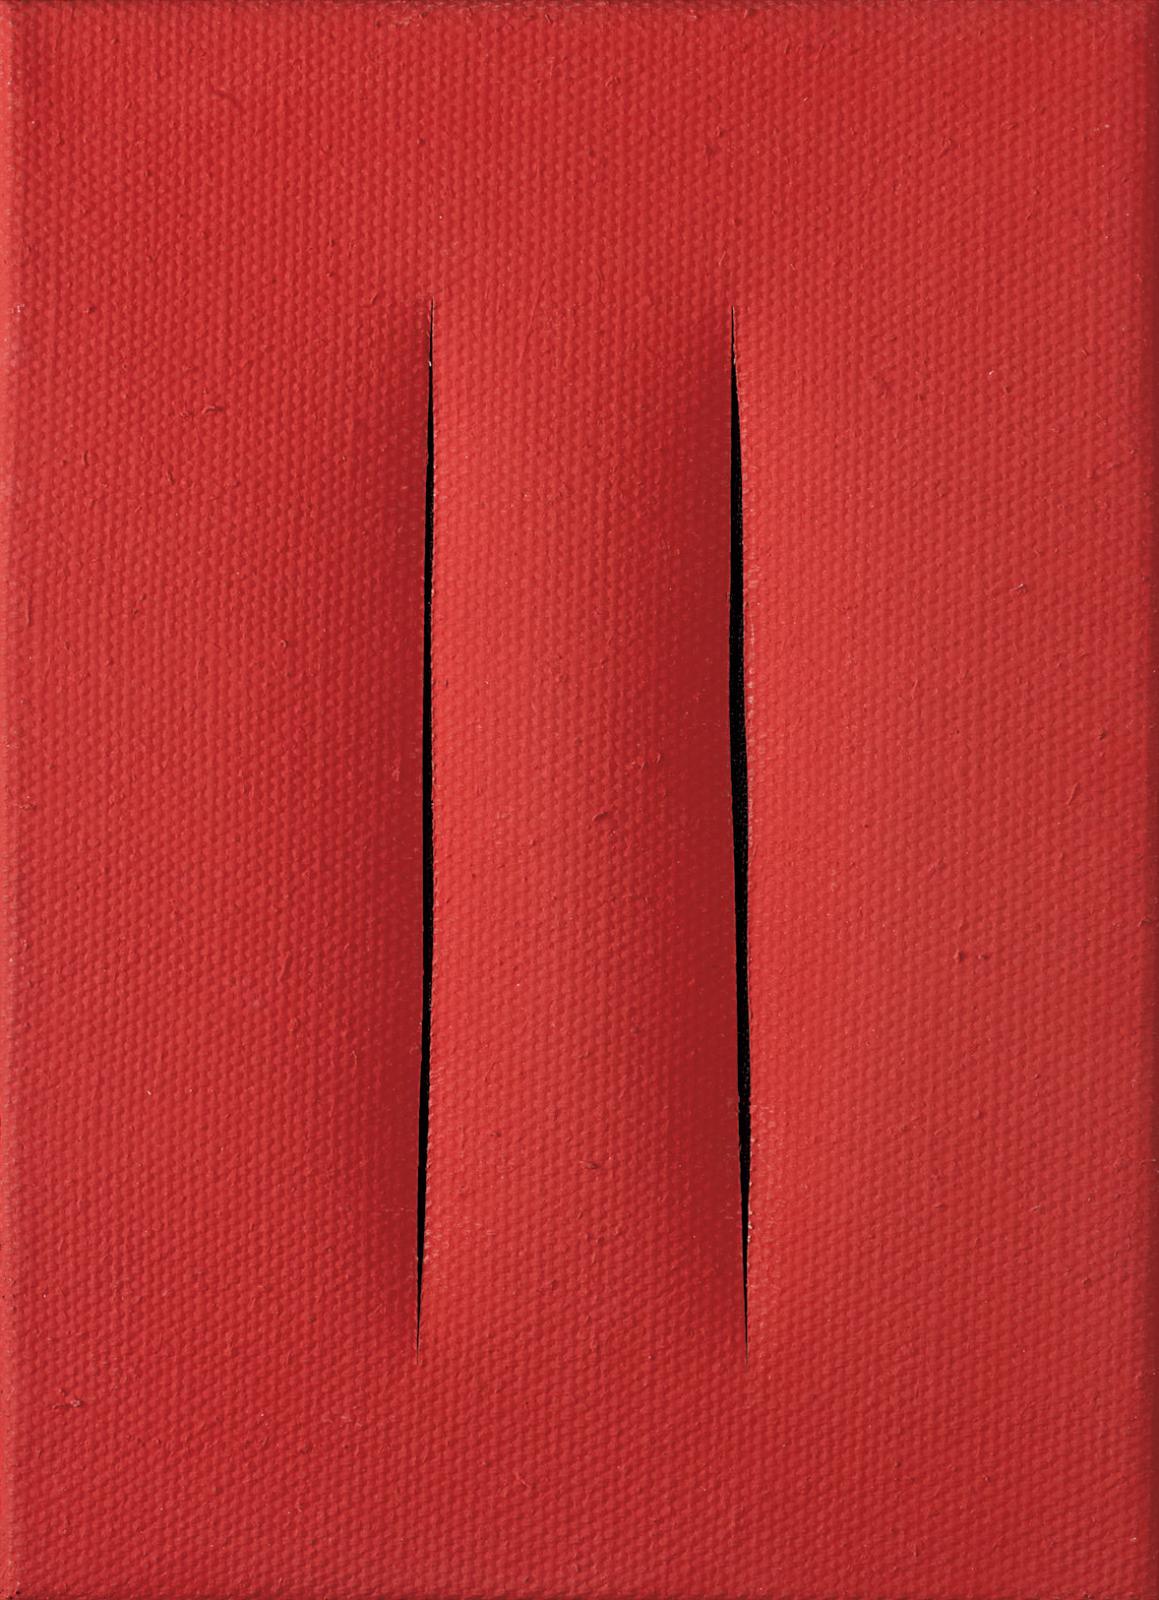 569000€ Lucio Fontana (1899-1968), Concetto Spaziale, 1959 (Attese), peinture sur soie lacérée, signée et titrée, 22x15,5cm. Versaill